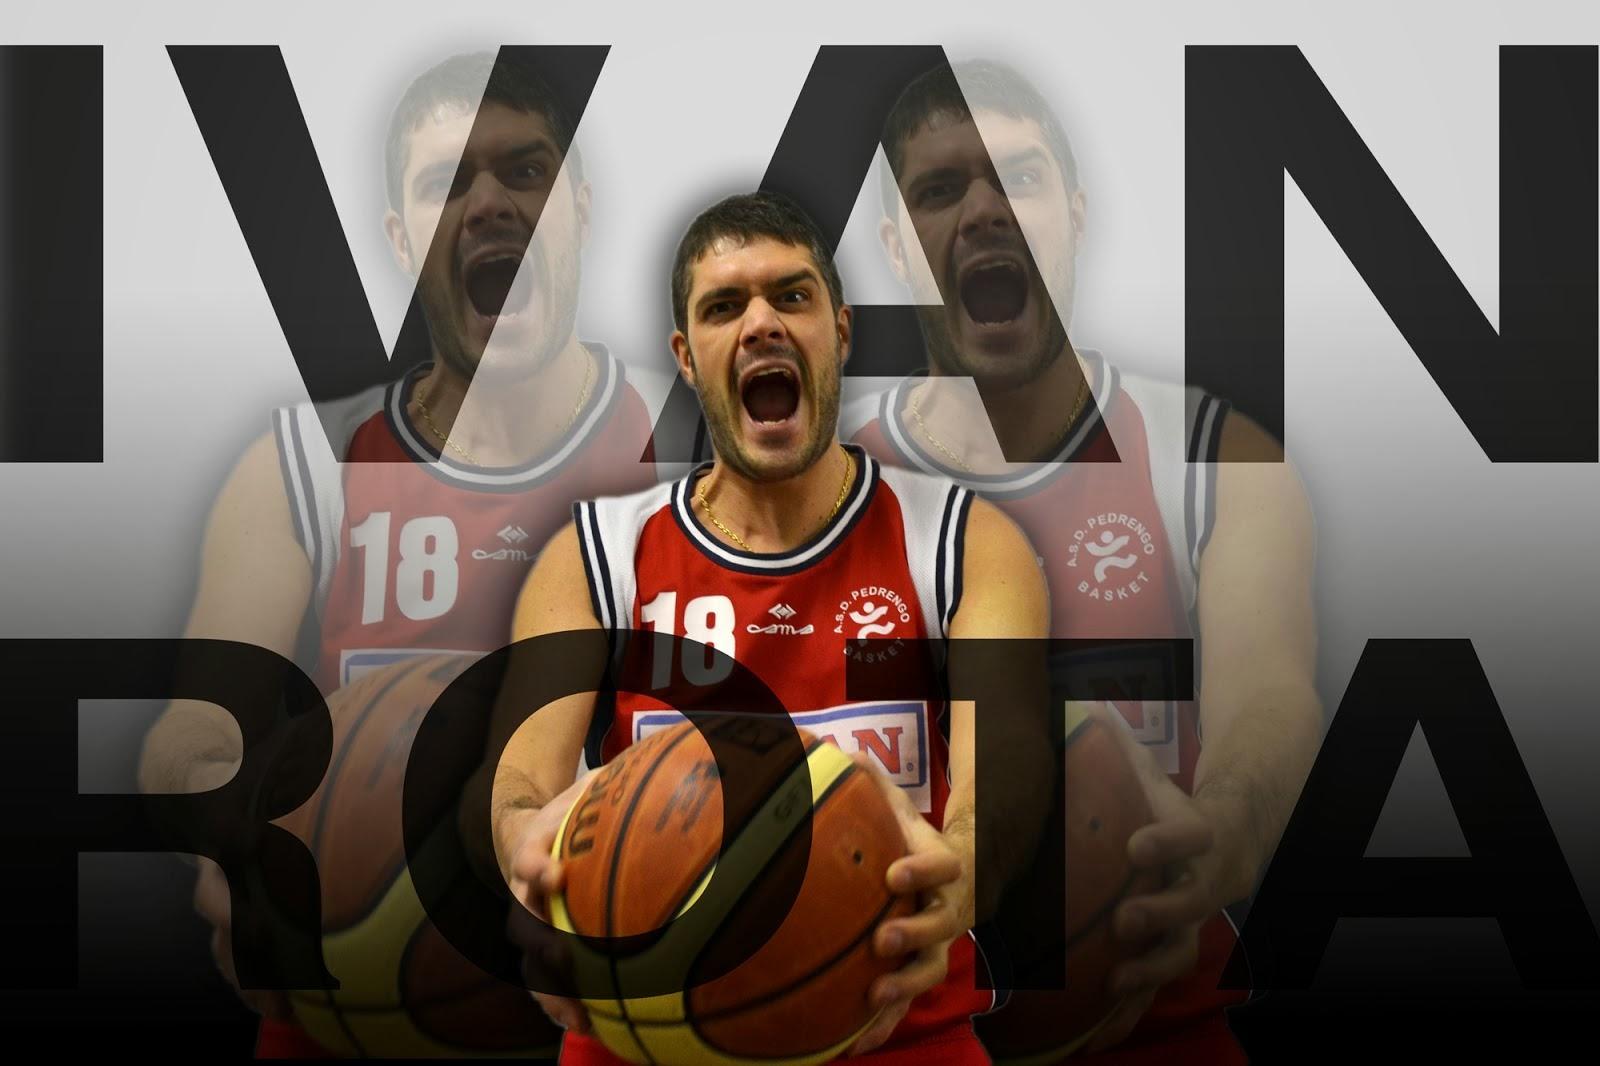 Ivan Rota